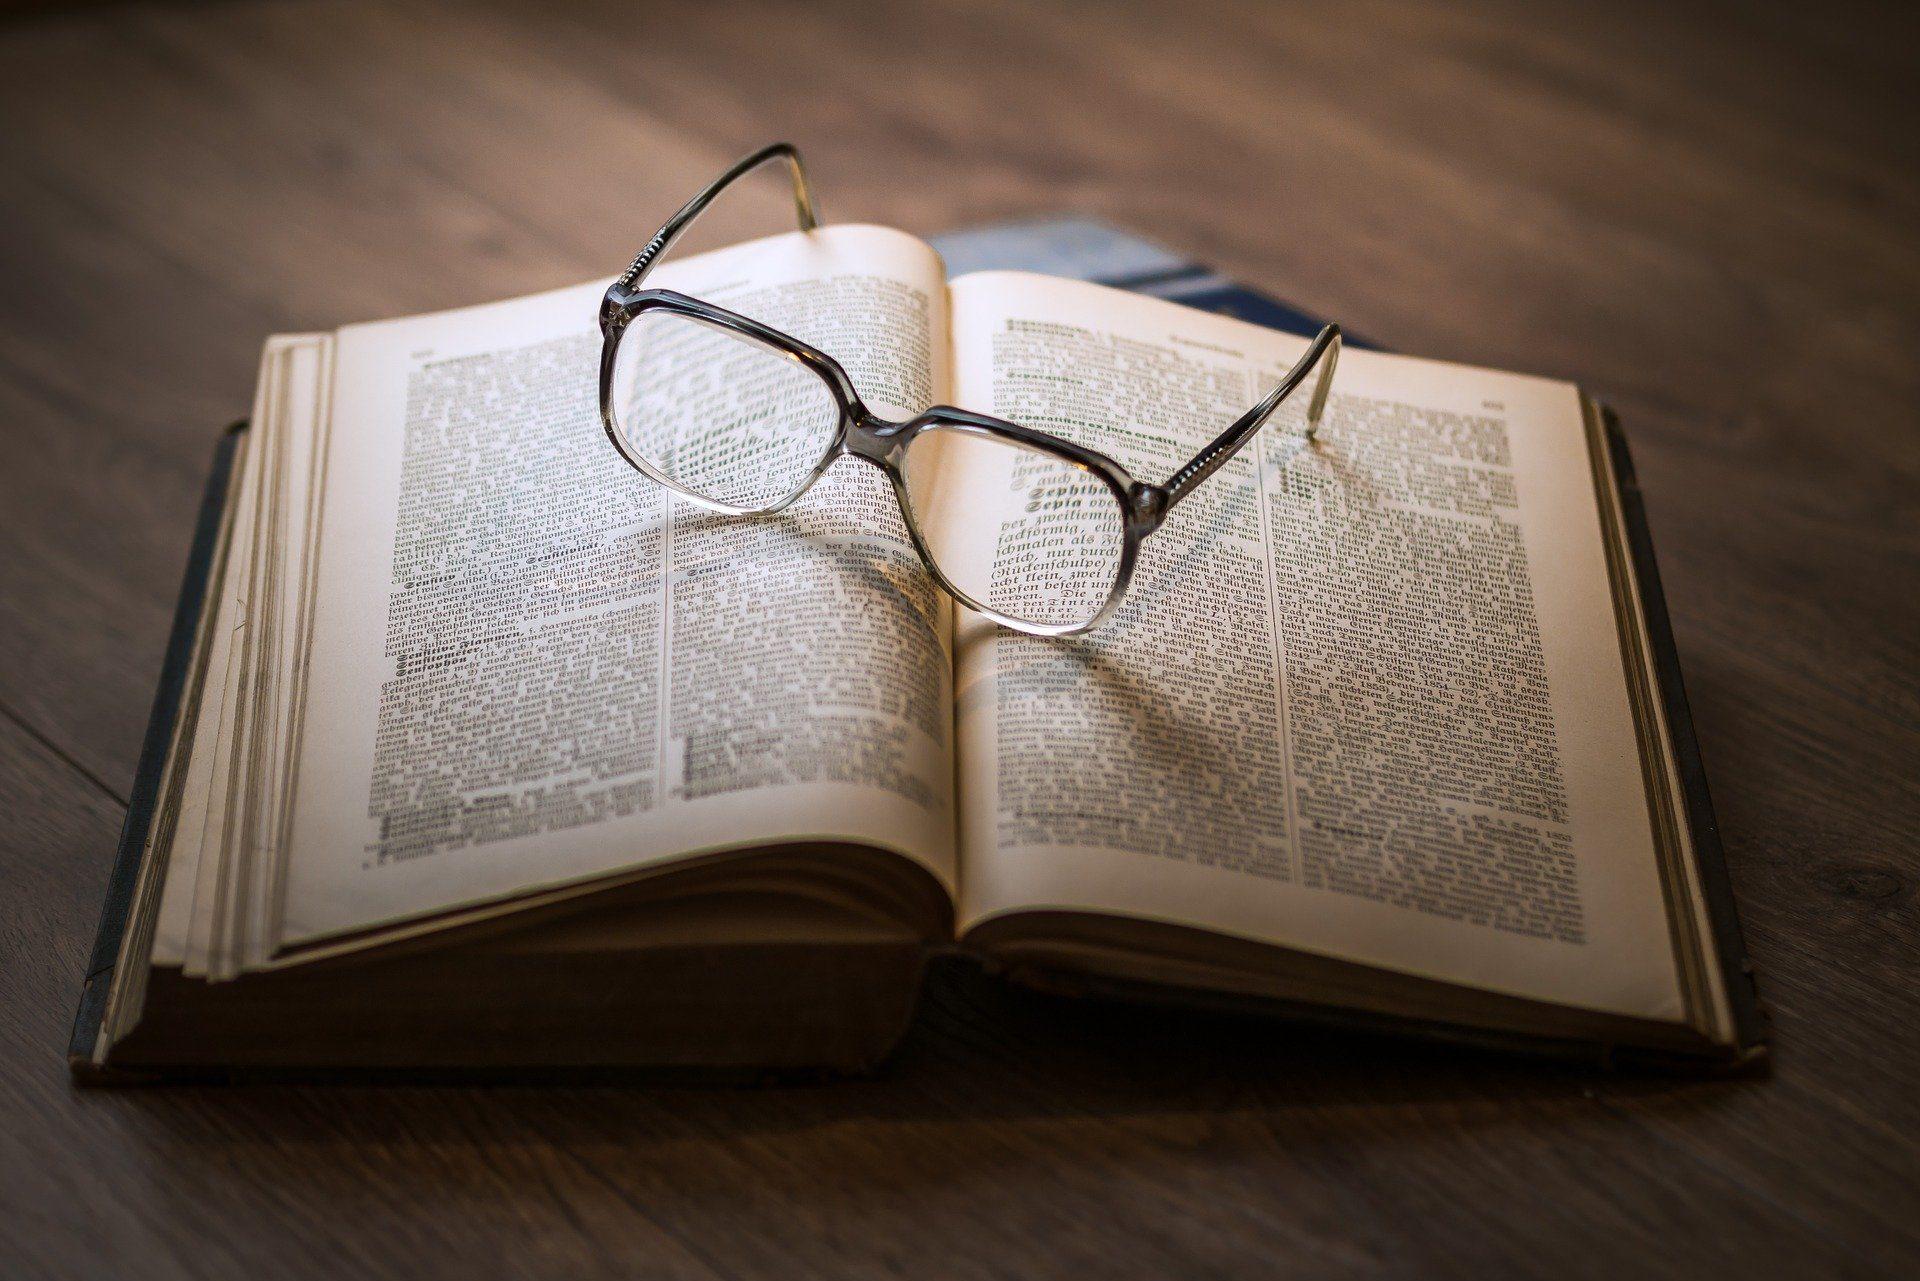 Buch mit Brille, die darauf liegt